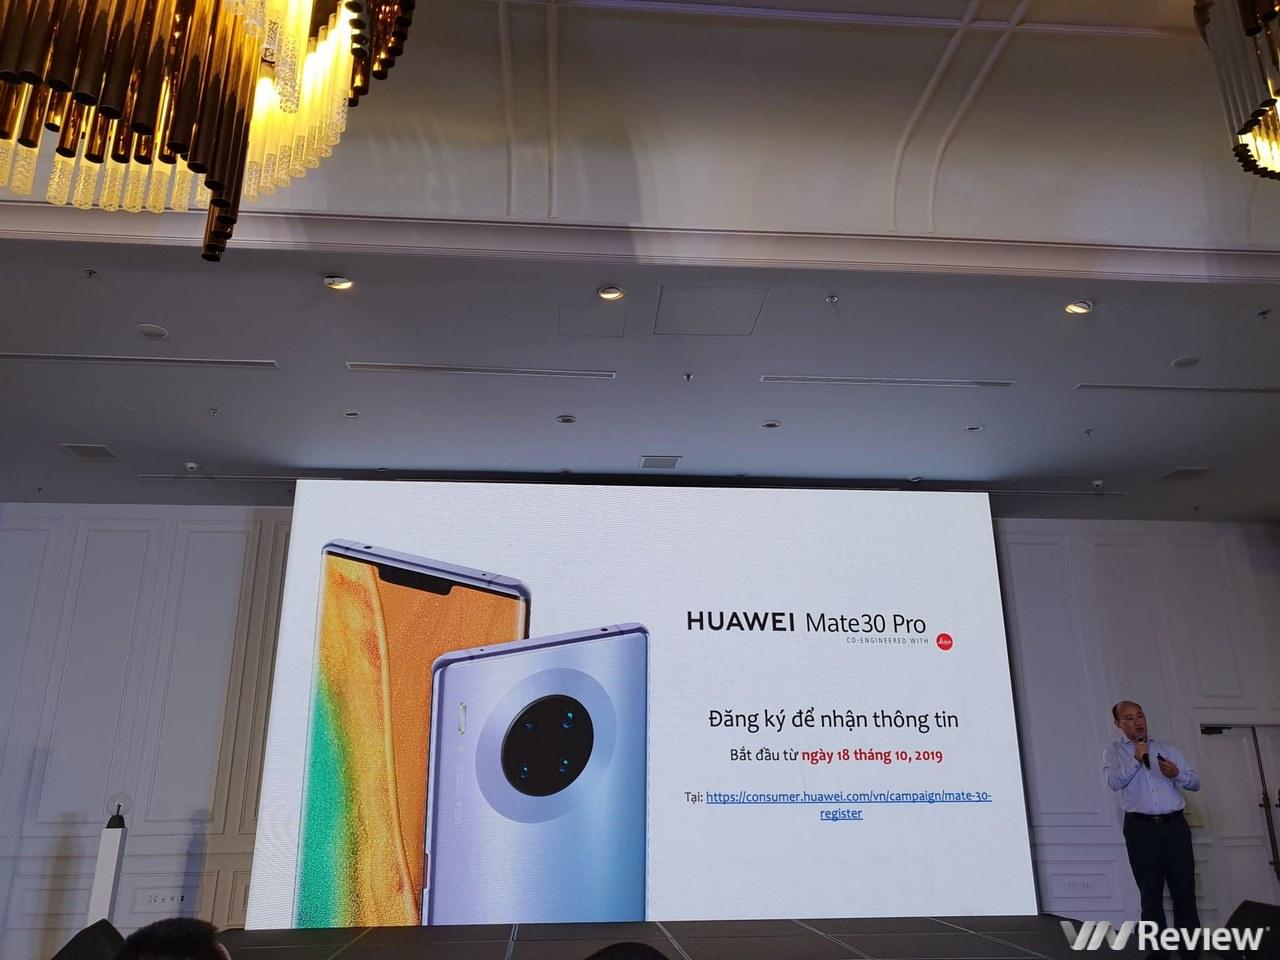 Huawei tuyên bố sẽ bán Mate 30 Pro tại Việt Nam nhưng chưa có giá và ngày lên kệ